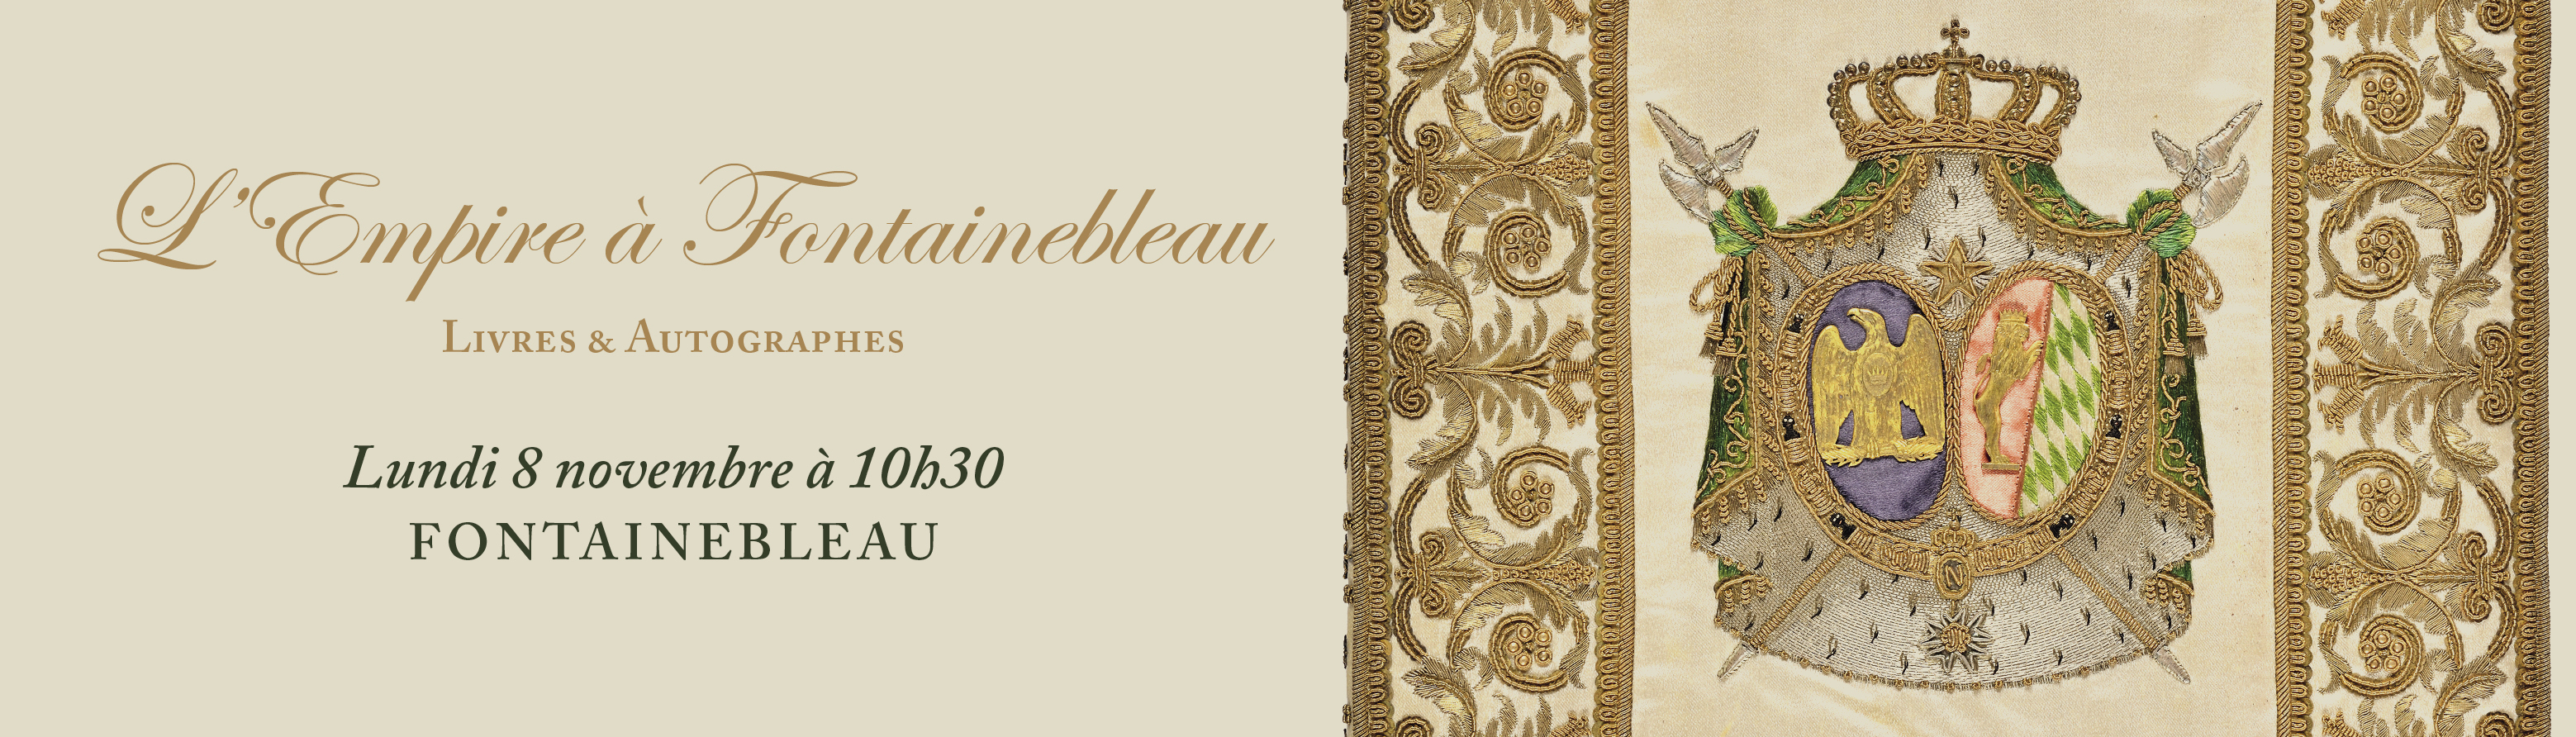 L'Empire à Fontainebleau - Livres & Manuscrits